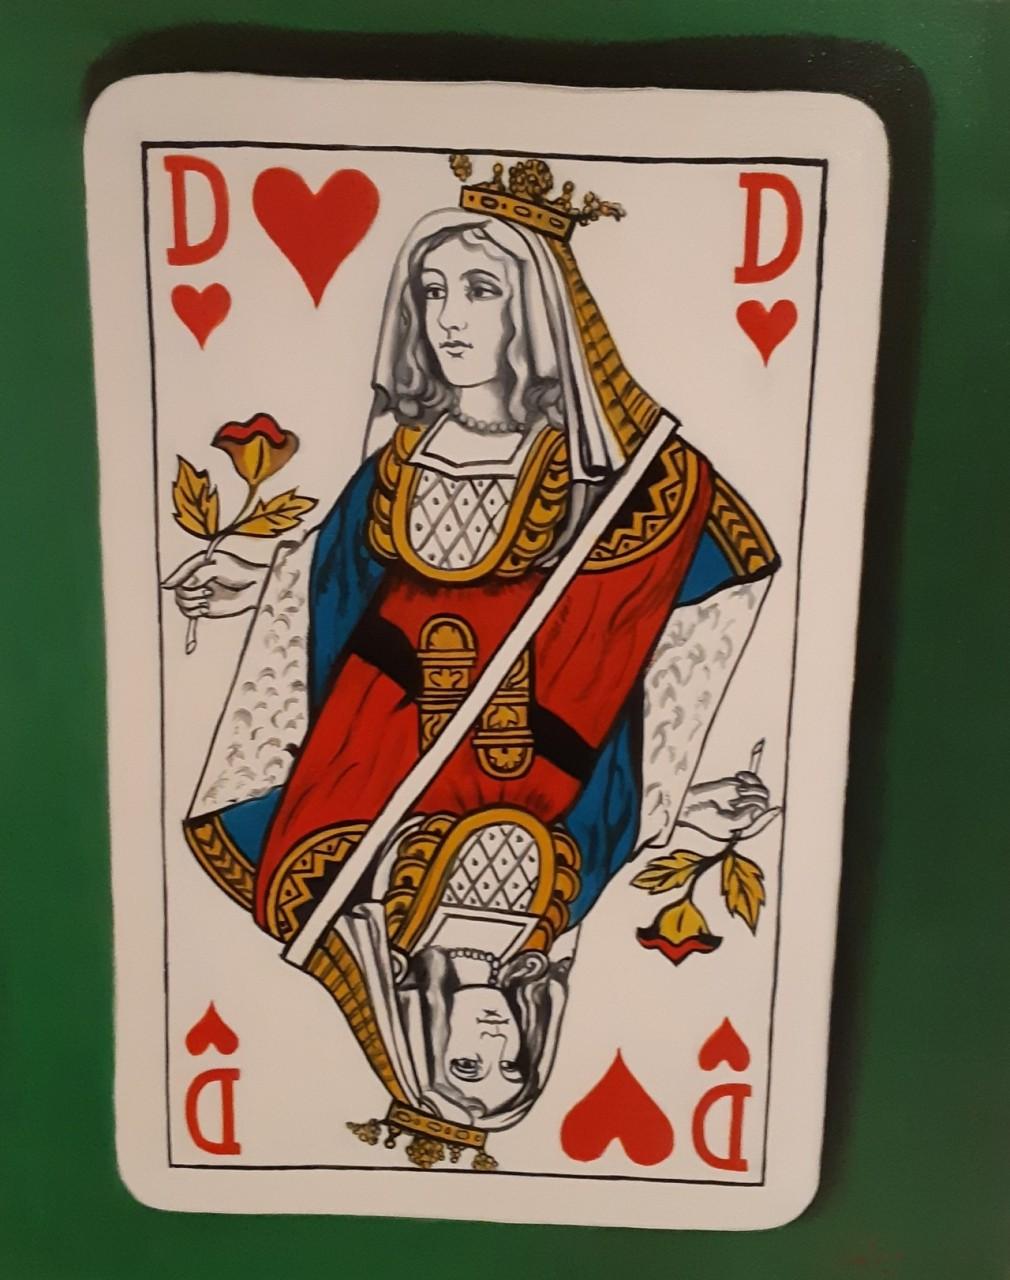 carte de dame de cœur